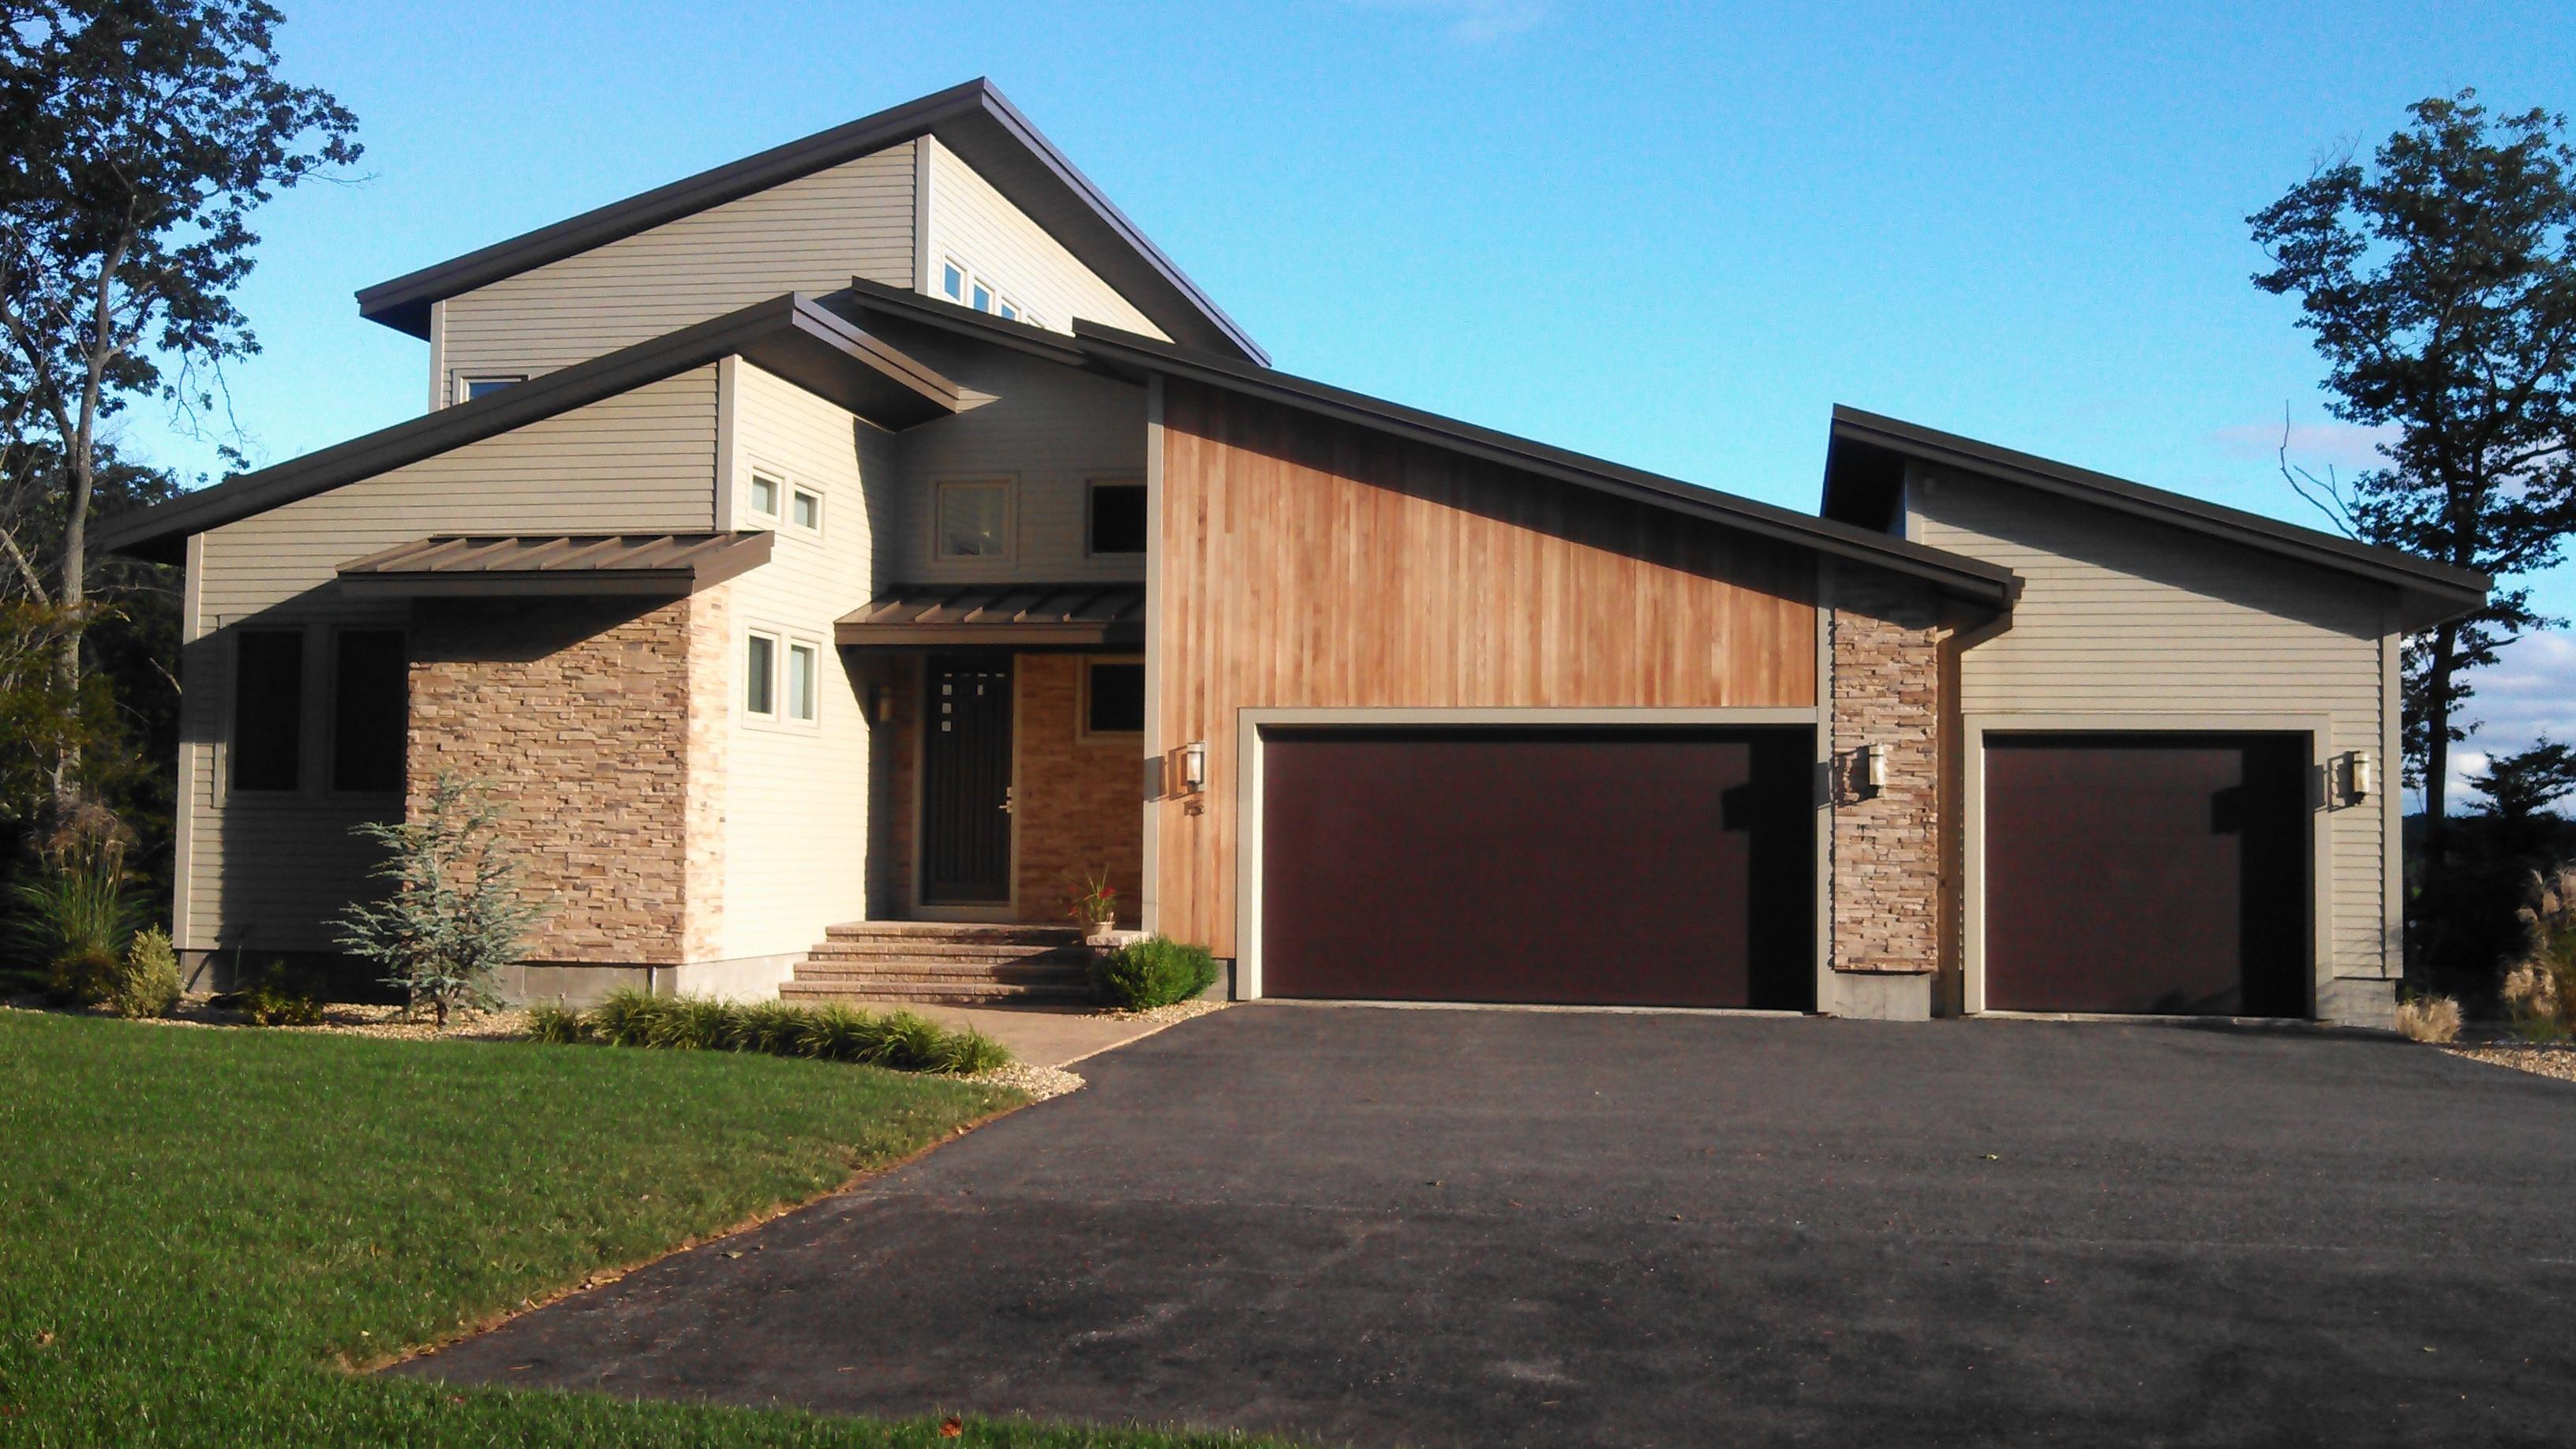 Einfamilienhaus für Verkauf beim 15 Tommy Francis 15 Tommy Francis Road Westminster, Massachusetts, 01473 Vereinigte Staaten